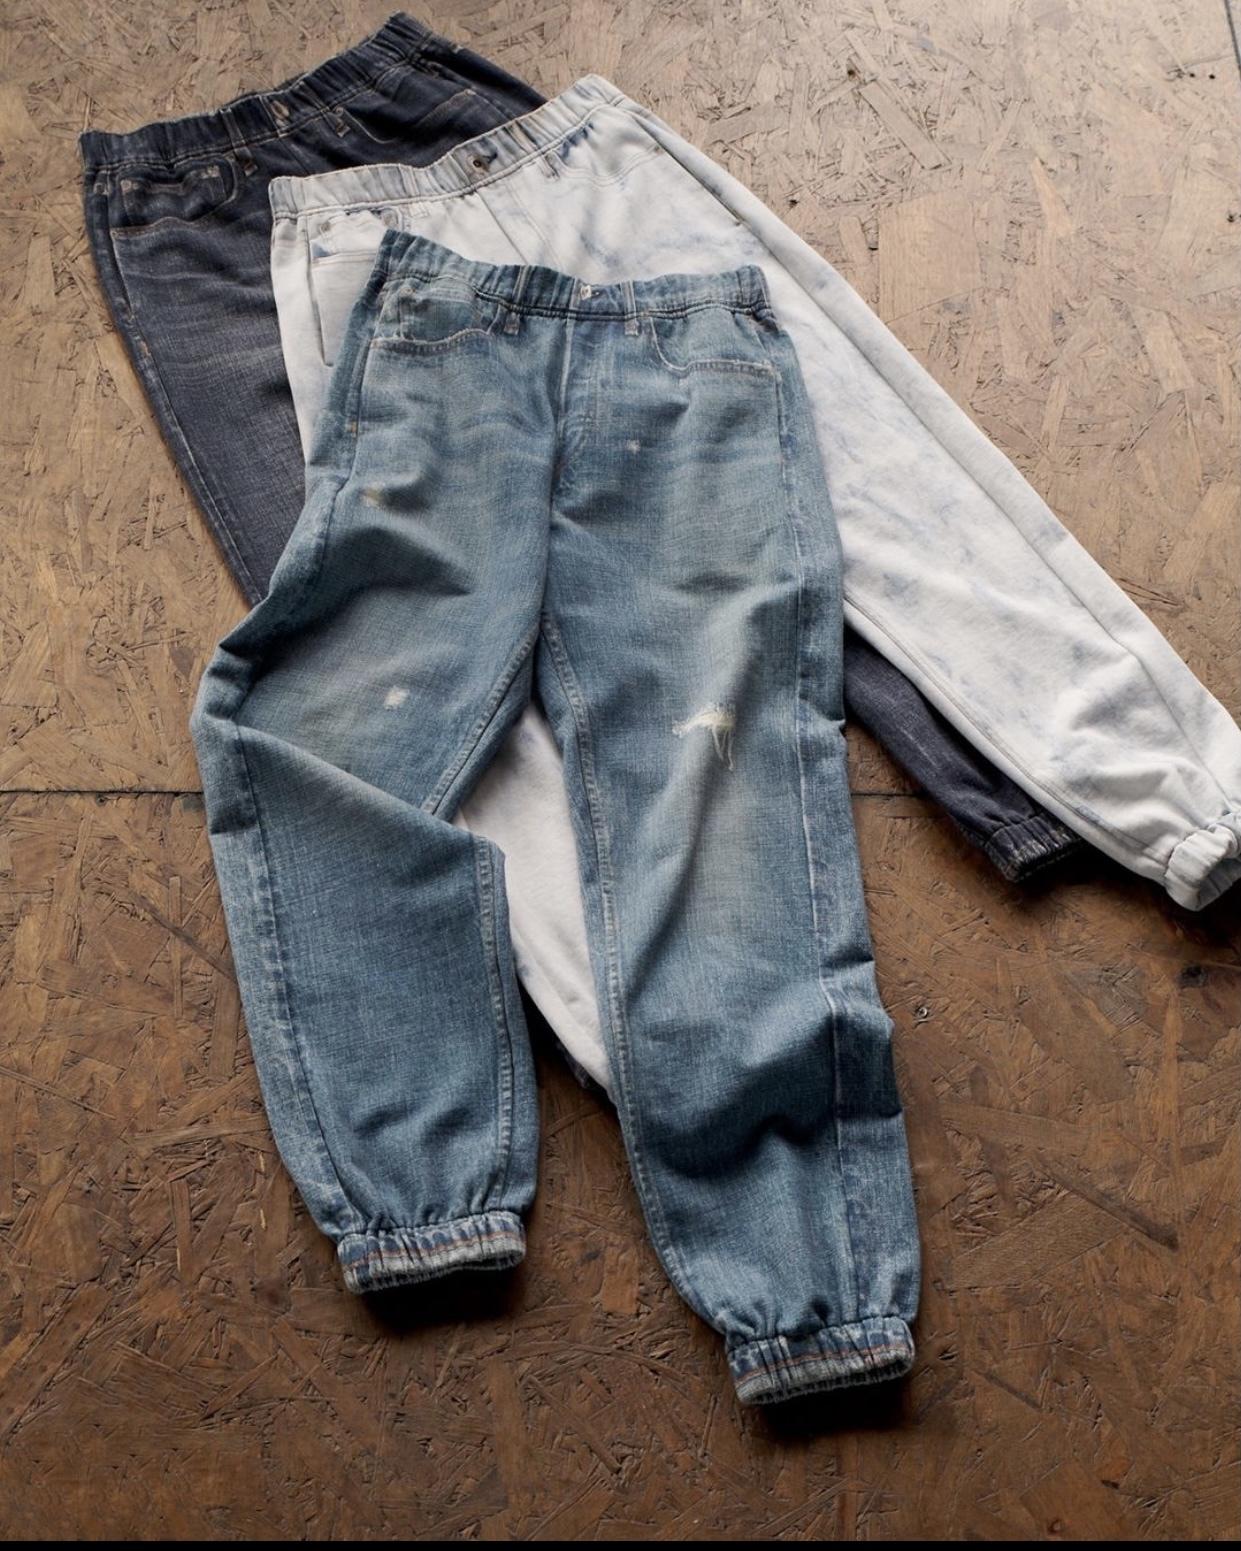 Miramar Jeans, KatWalkSF, Kat Ensign, Sweatpant Jeans, Rag & Bone Miramar Sweatpants Review